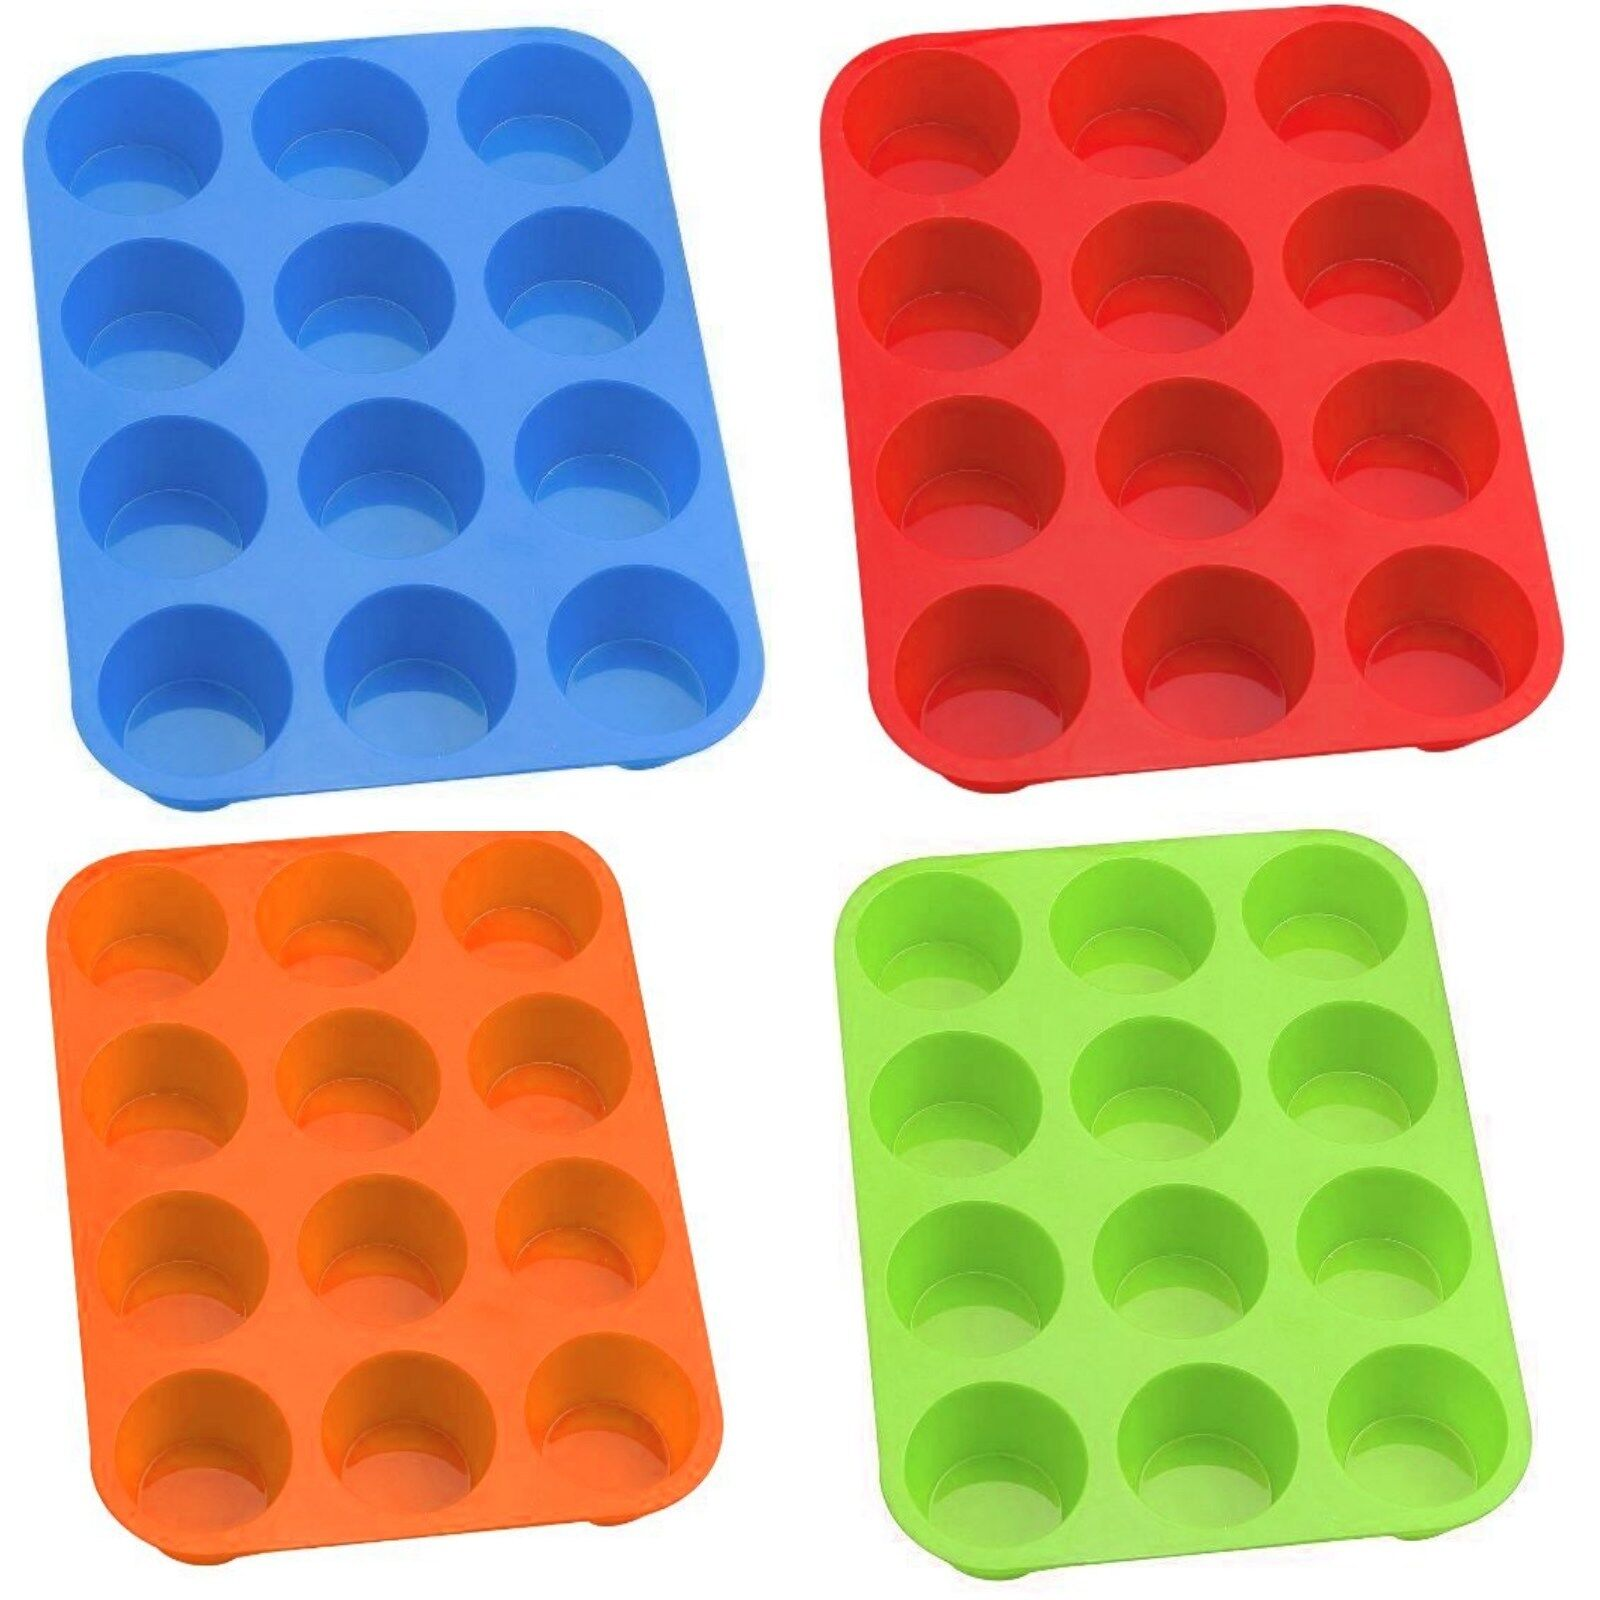 12er Muffinform Silikon Muffin Backform Muffinförmchen Kuchenform Cup Cake Form